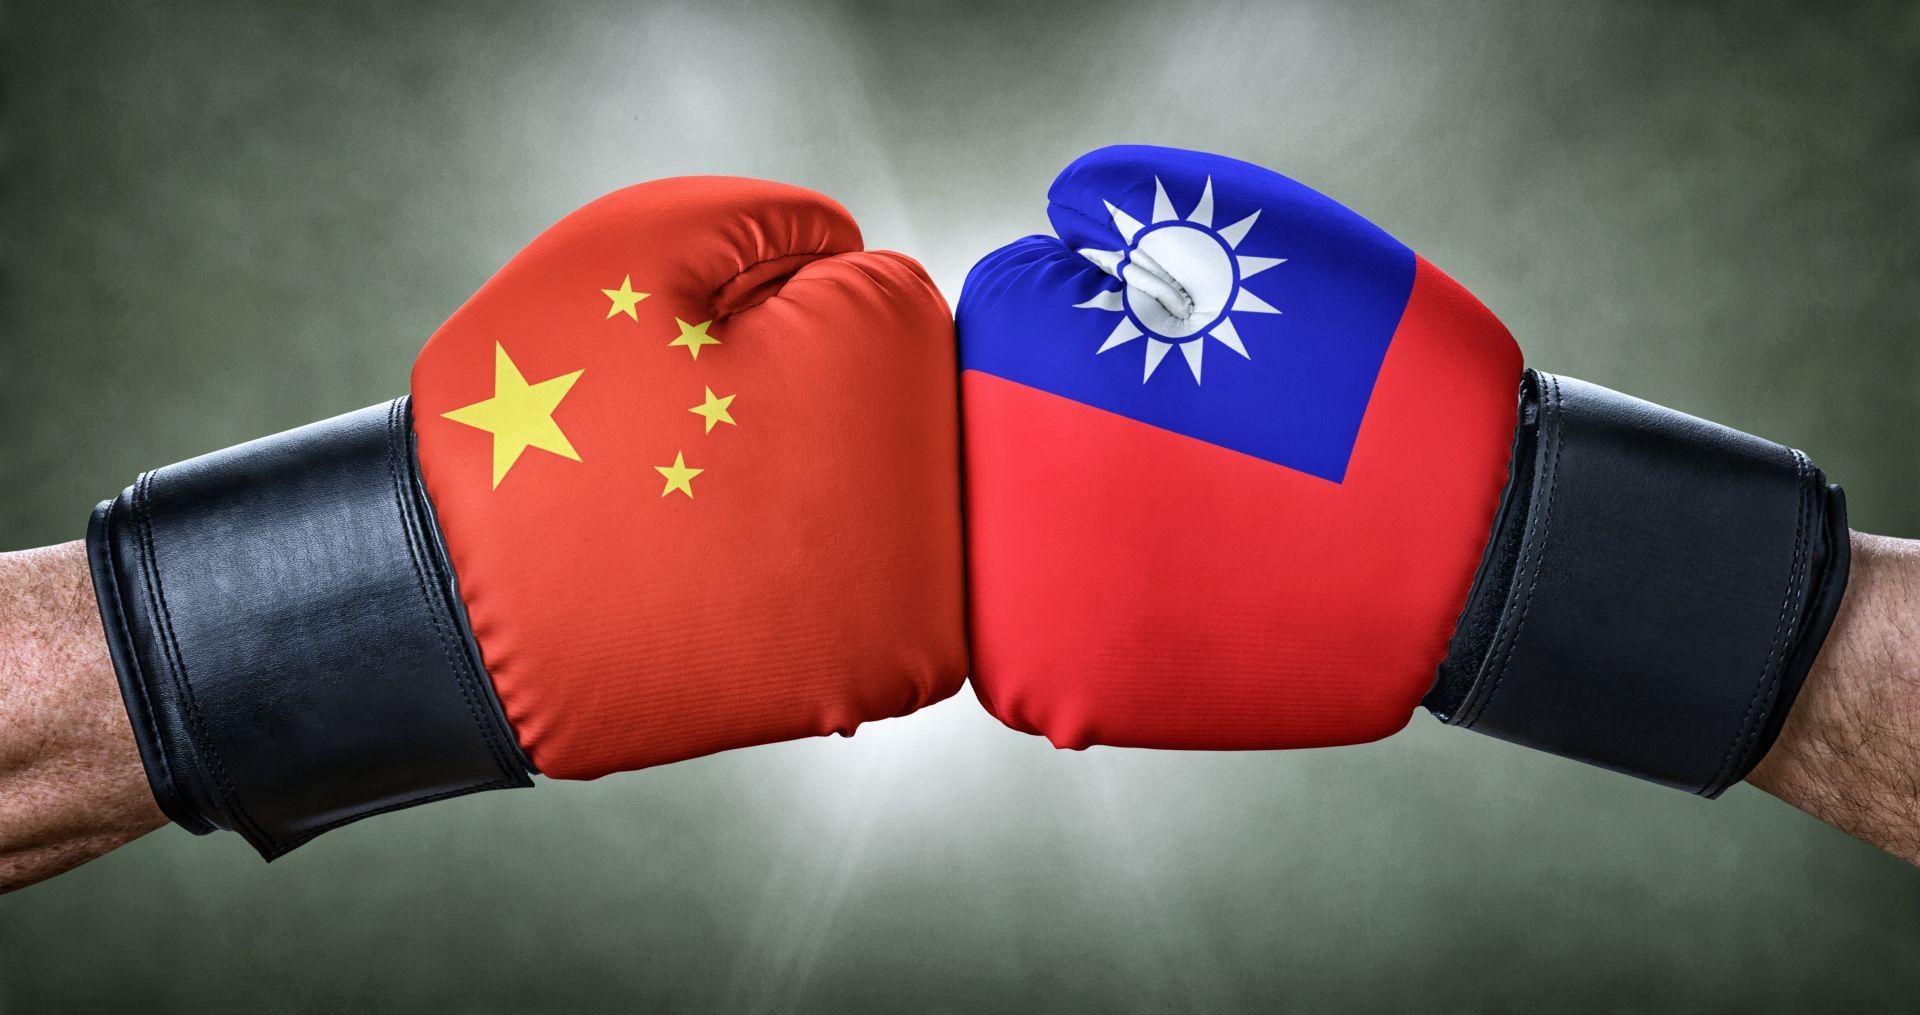 「一天挨揍3000萬次,被打久就會反擊!」 科技大廠董事長:若中國要打趴台灣 小心這招比動武更容易